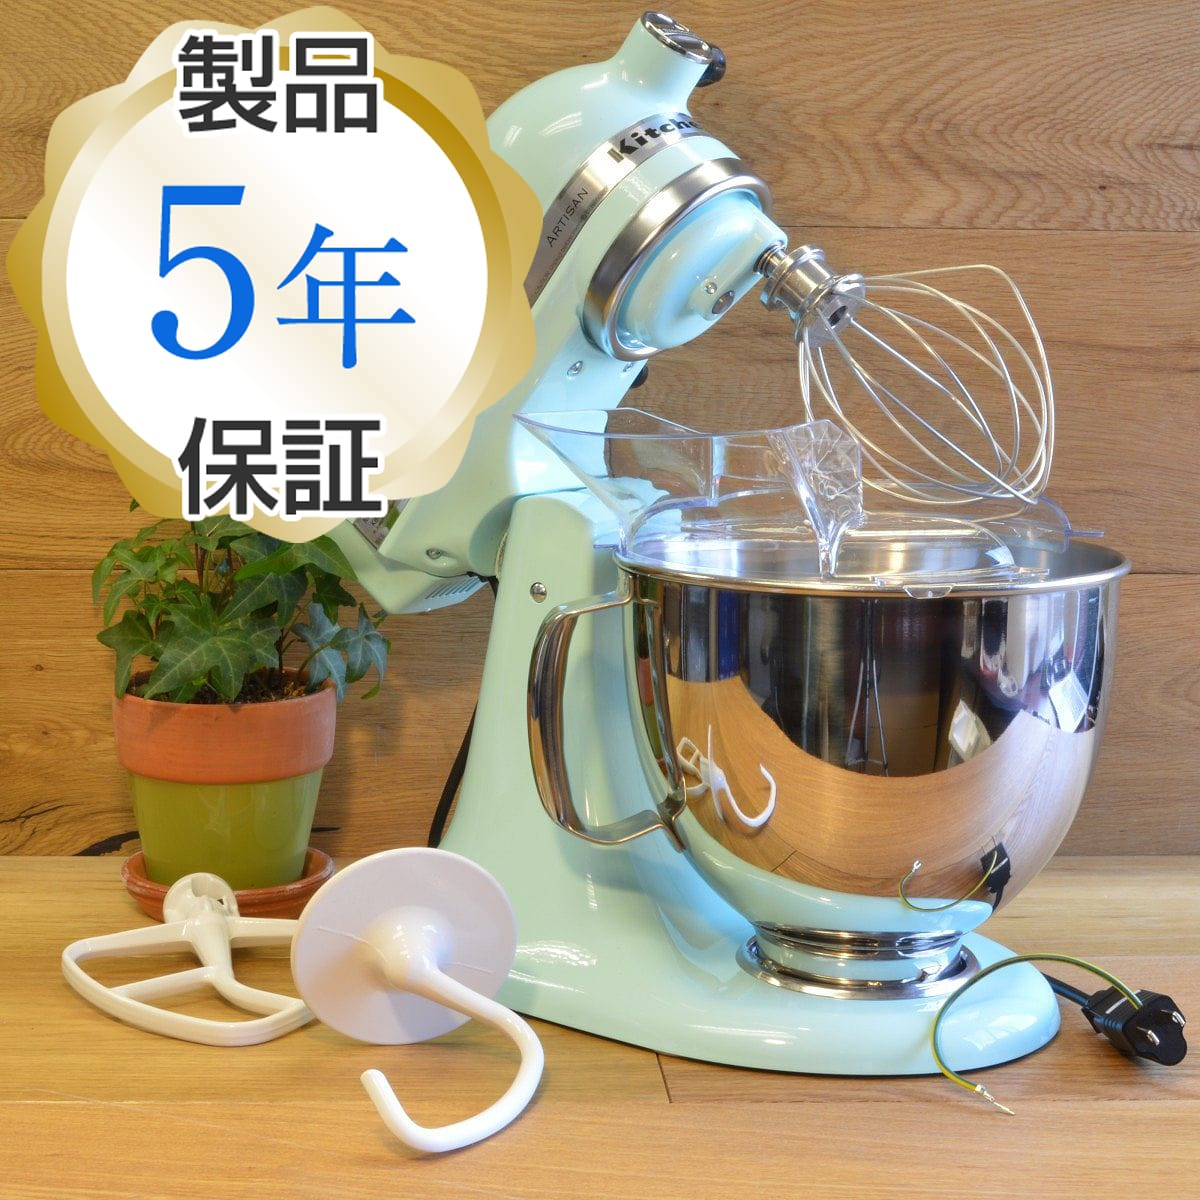 キッチンエイド スタンドミキサー アルチザン 4.8L アイス パステルブルー KitchenAid Artisan 5-Quart Stand Mixers KSM150PSIC Ice【日本語説明書付】